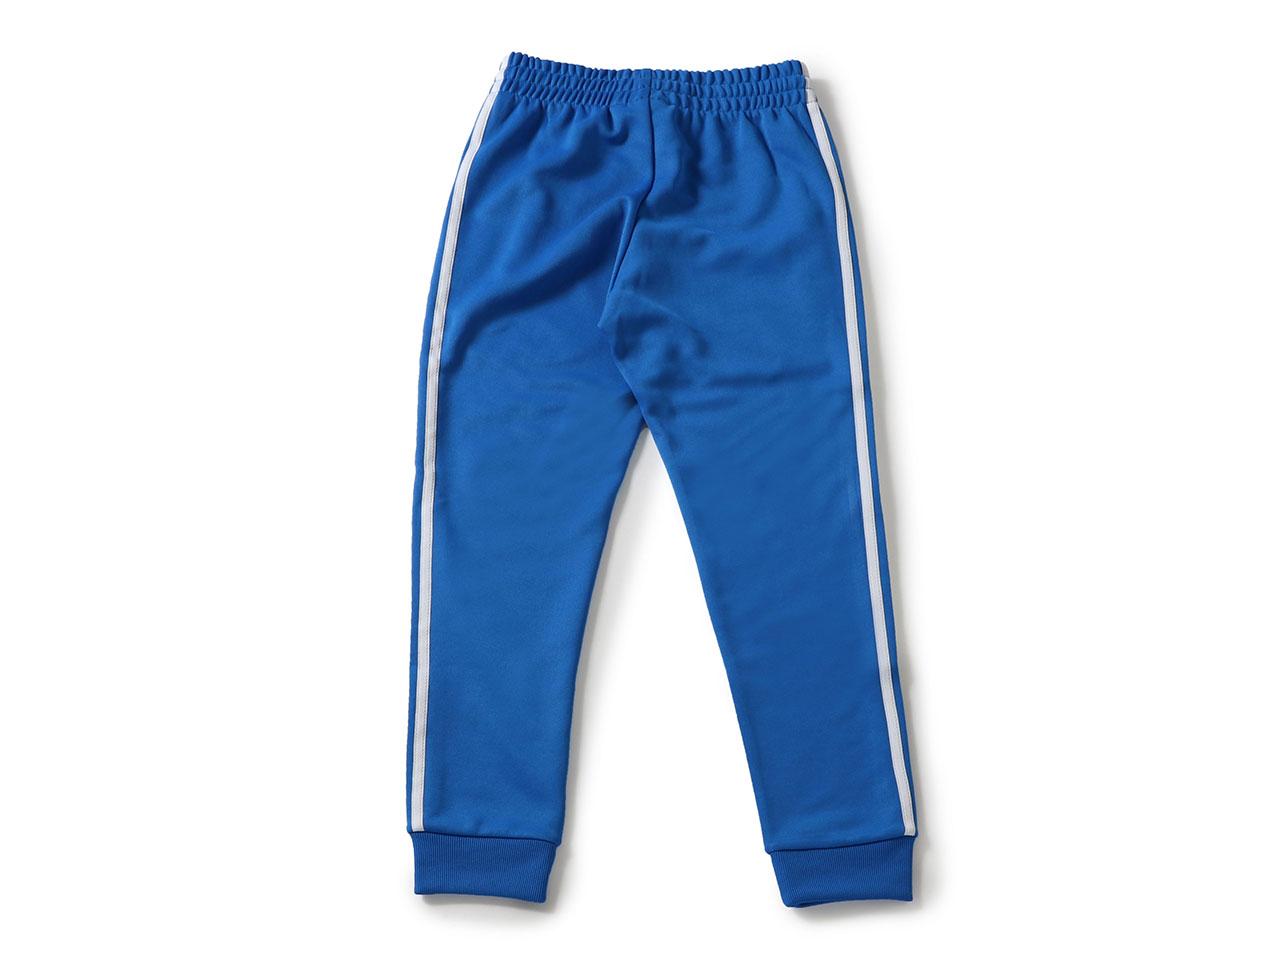 【SALE】adidas SST TRACK PANTS - BLUE